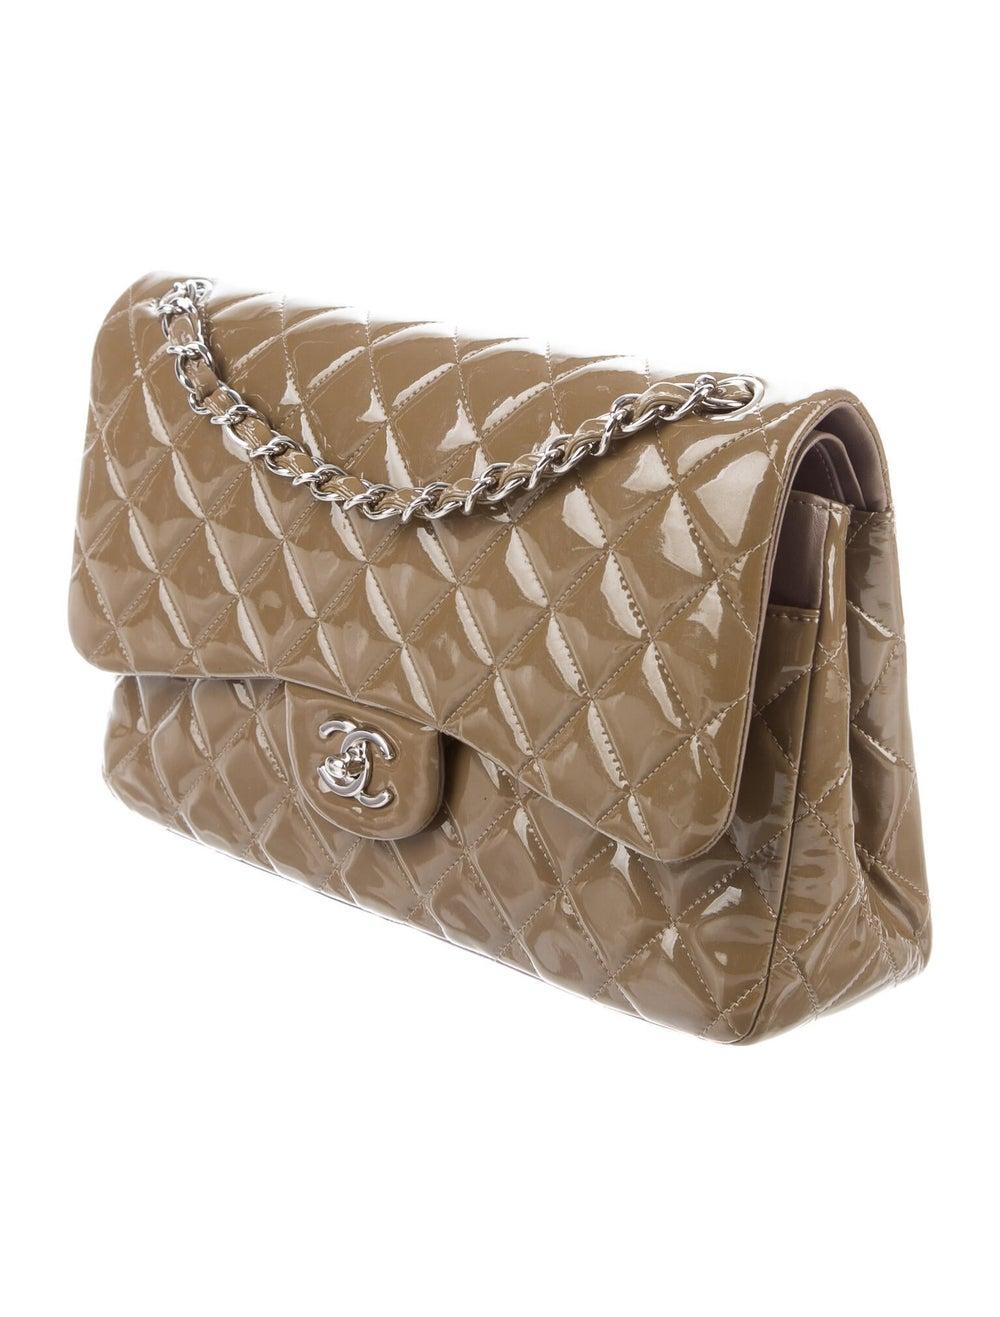 Chanel Classic Jumbo Double Flap Bag Brown - image 3